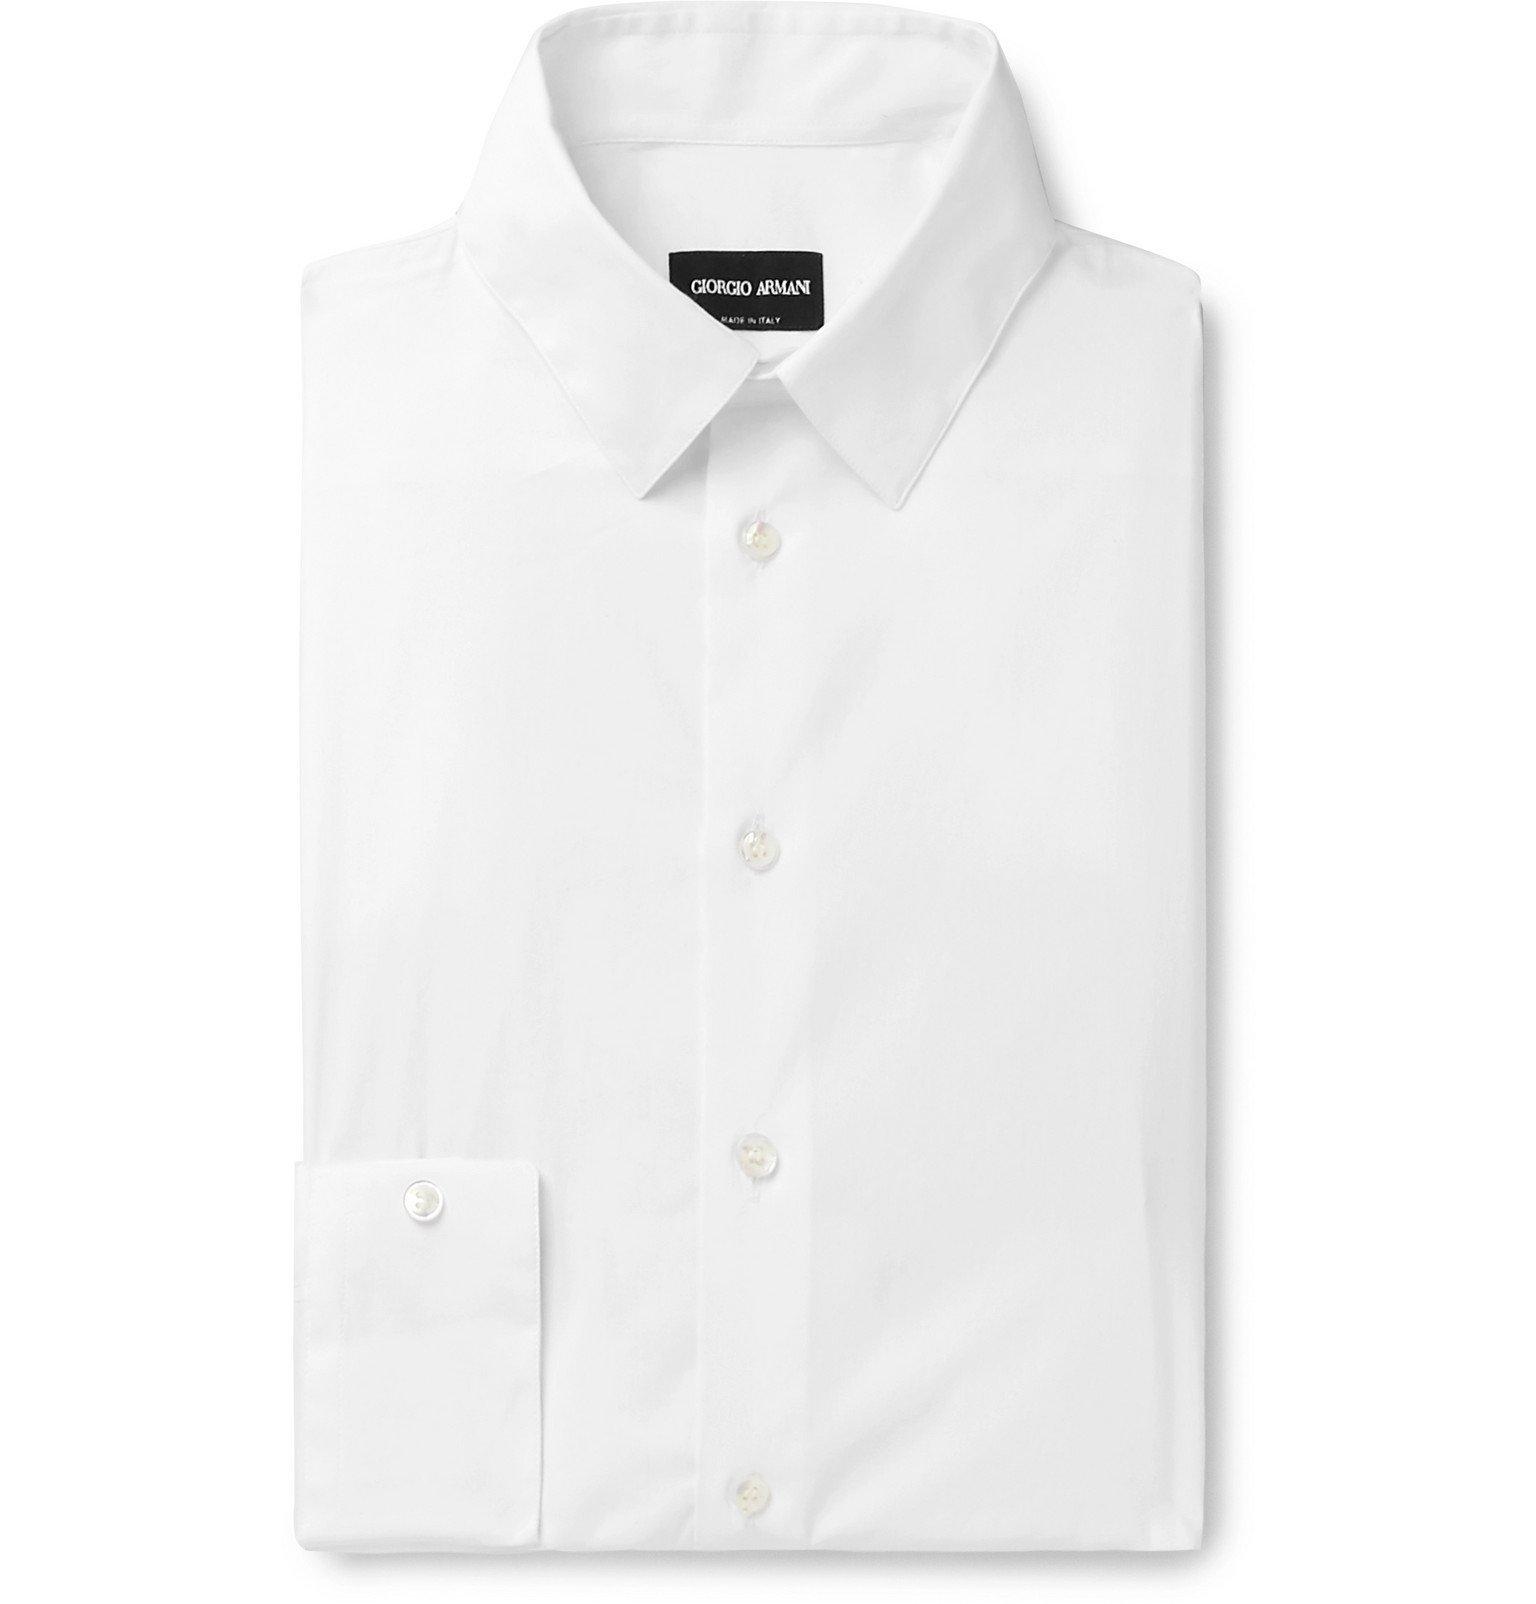 Giorgio Armani - White Cotton-Blend Poplin Shirt - White